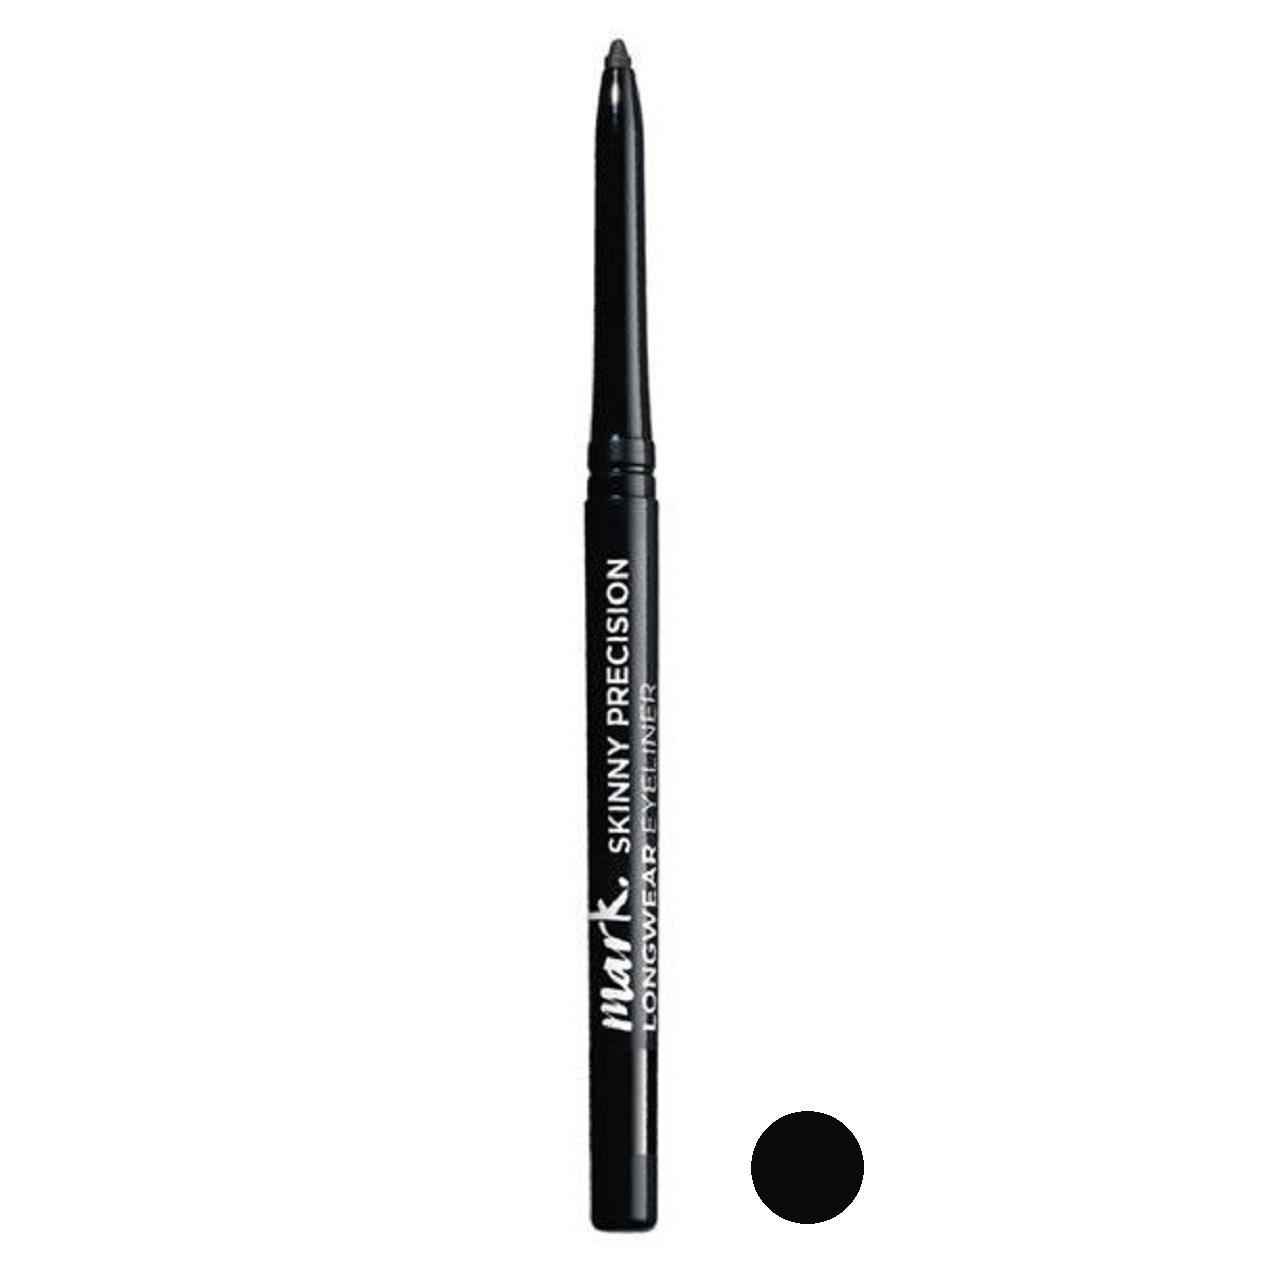 مداد چشم آون مدل Avon mark. Skinny Precision Kohl Eyeliner